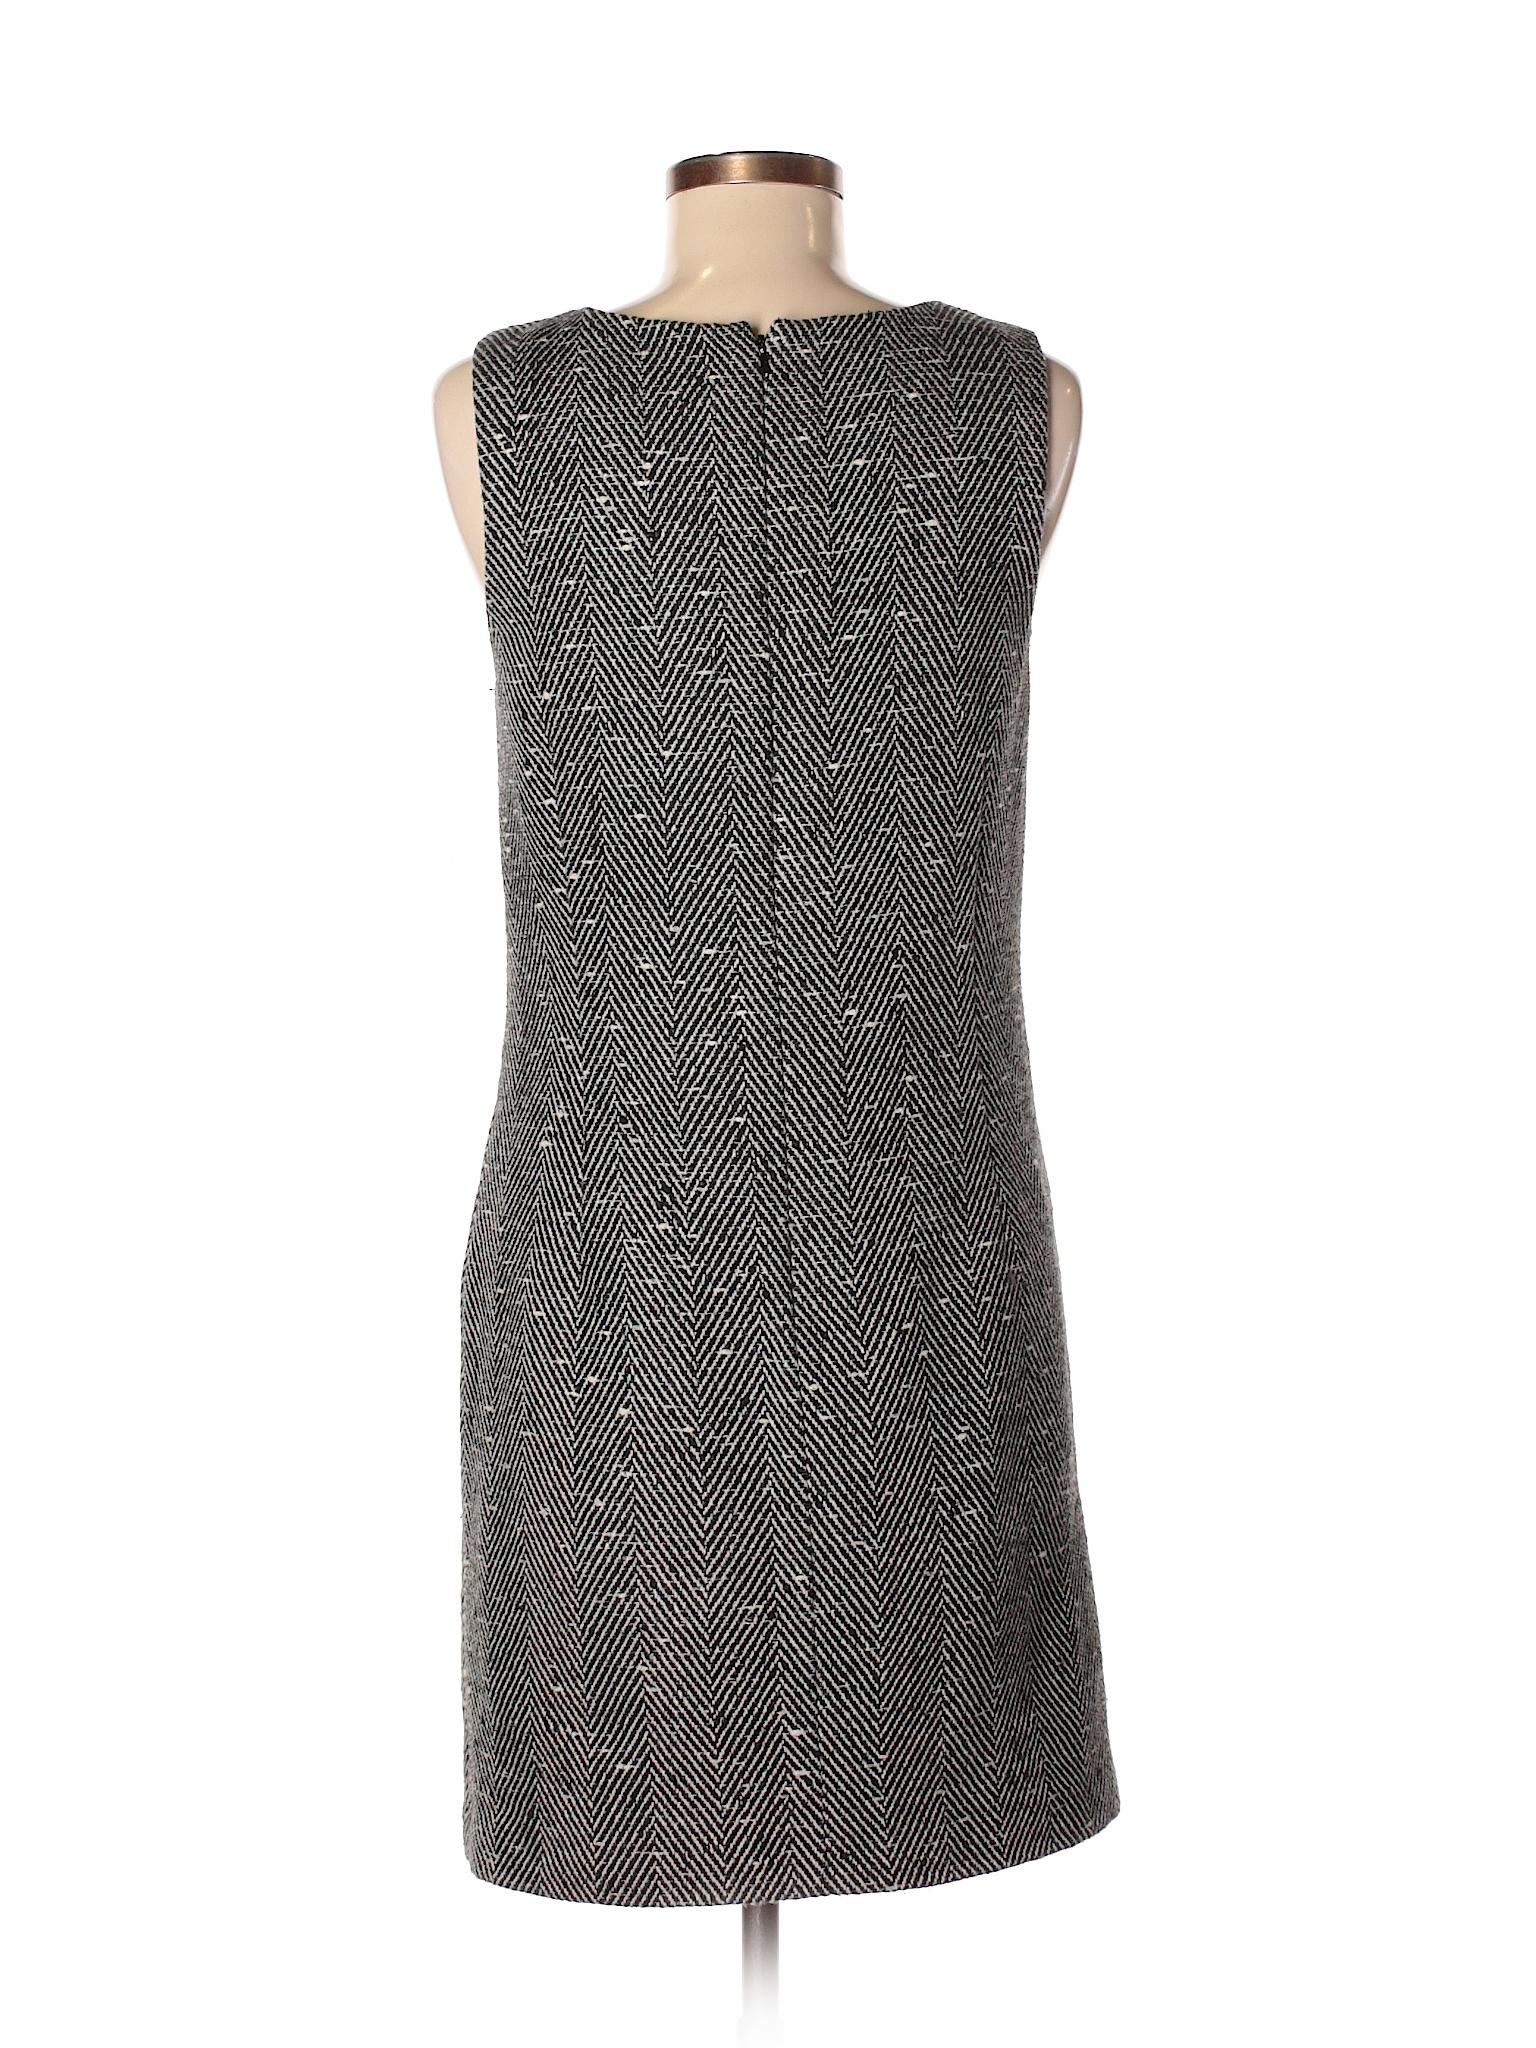 Casual winter Larkin Dress Pim Boutique 6P8xStq